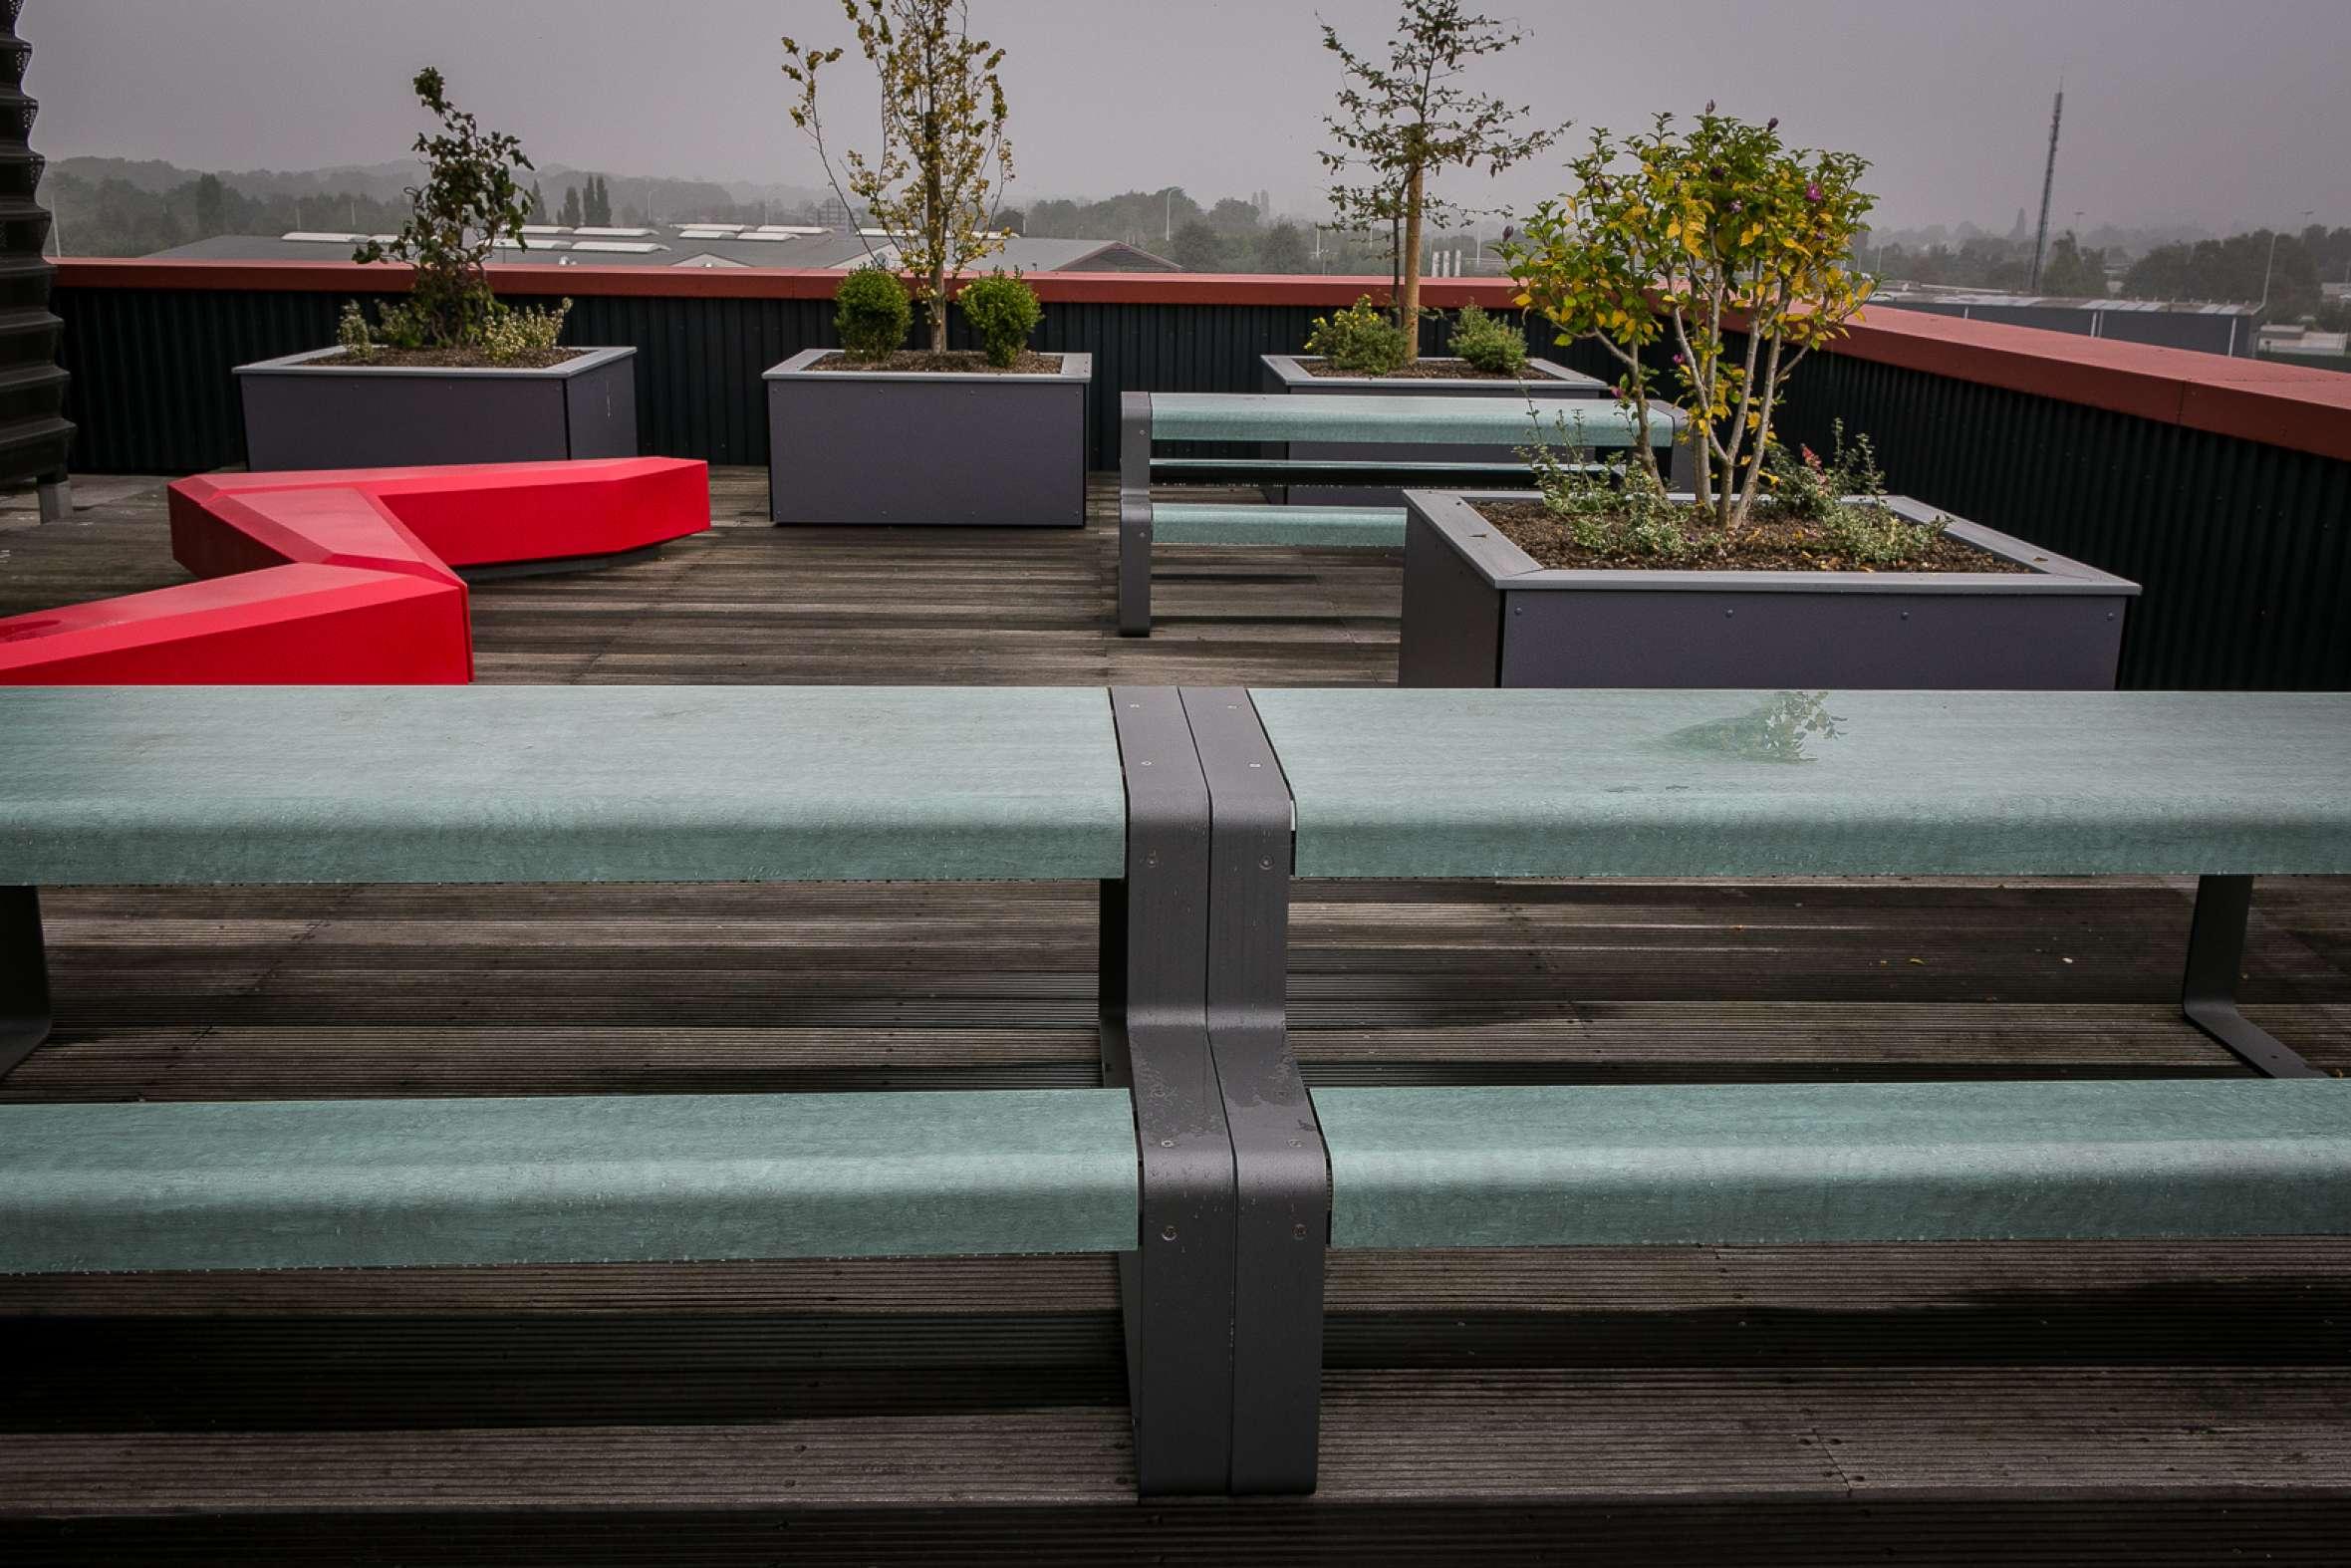 Picknicktafels Outline en Coffin Lounge banken voor berdrijfsterras